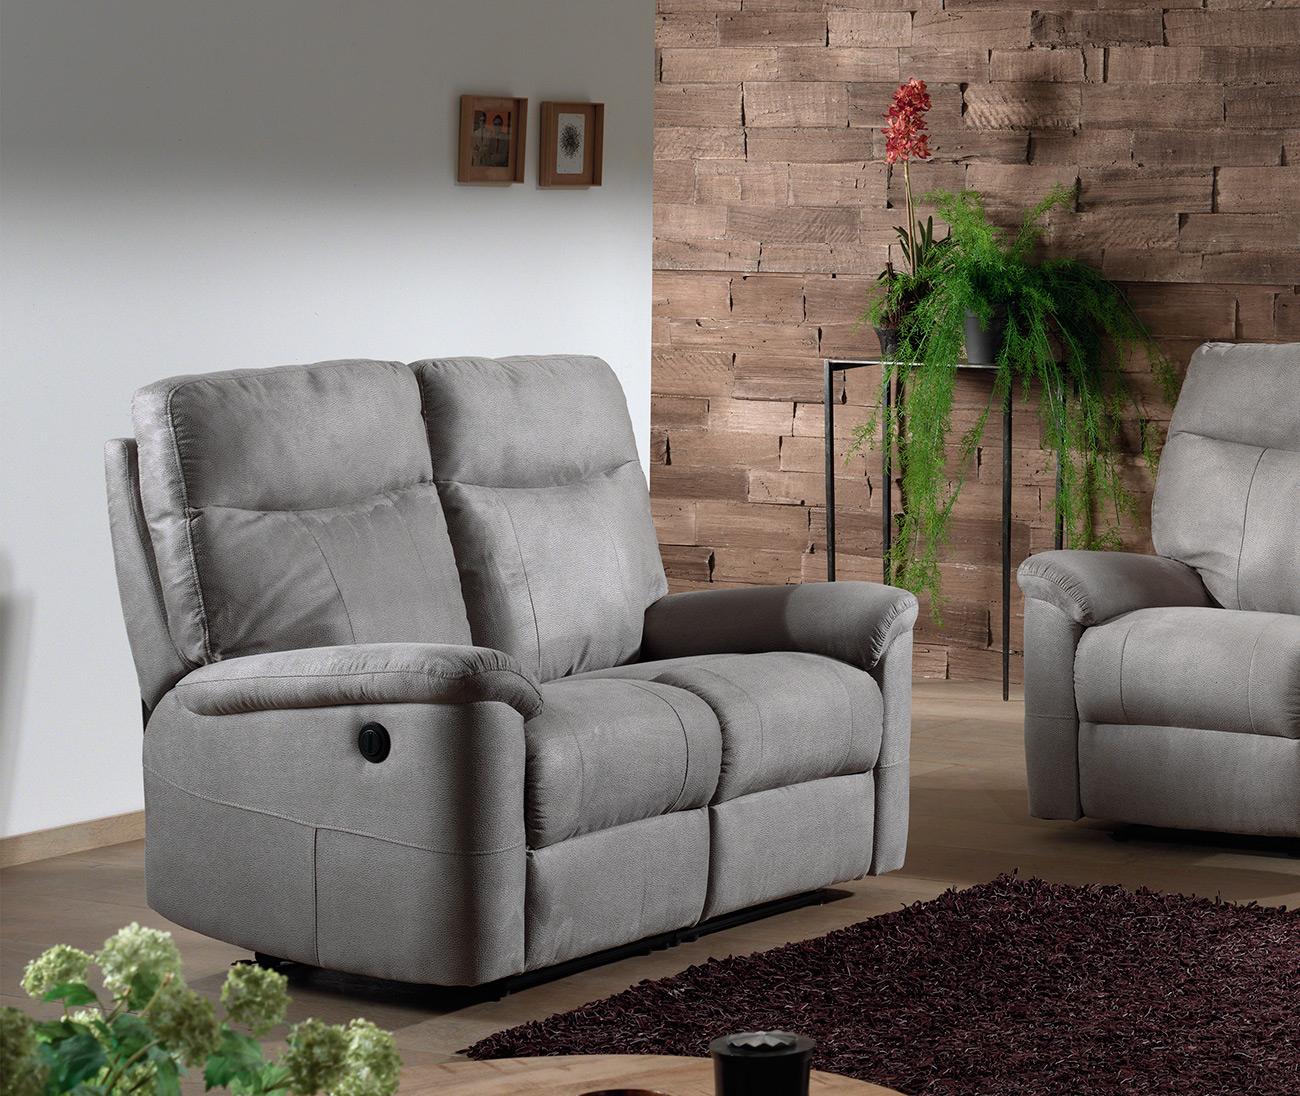 Canapé 2 Places En Tissu Relaxo Avec 2 Relax Électriques ... dedans Canape Relaxo Gris